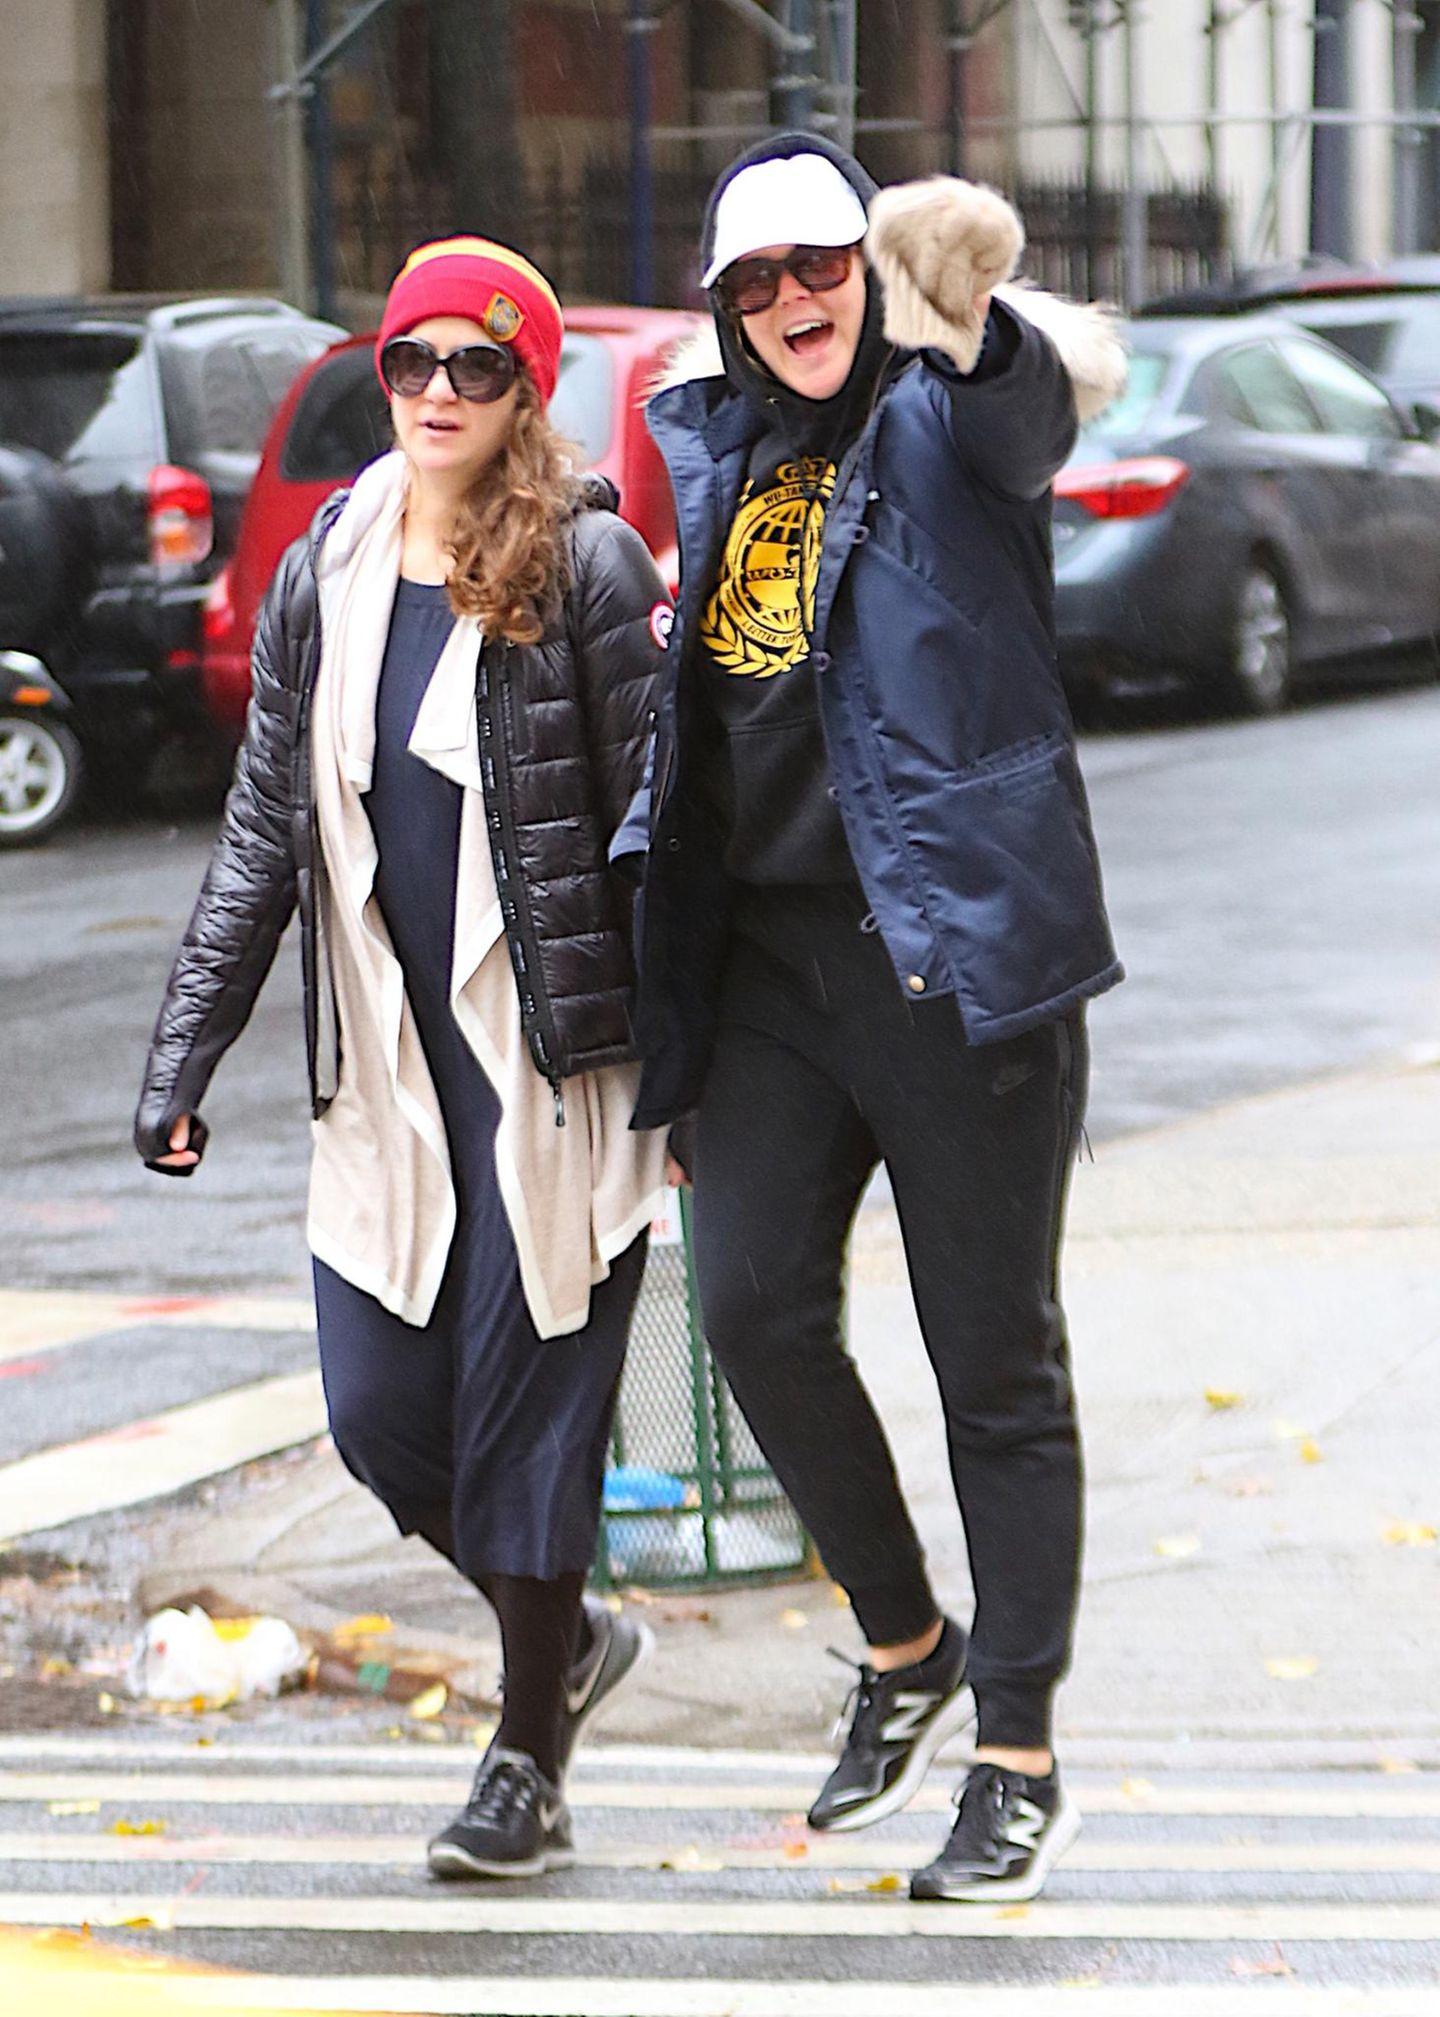 1. Dezember 2015: Amy Schumer schießt ein paar Selfies, während sie mit ihrer Schwester Kim Caramele in New York unterwegs ist.